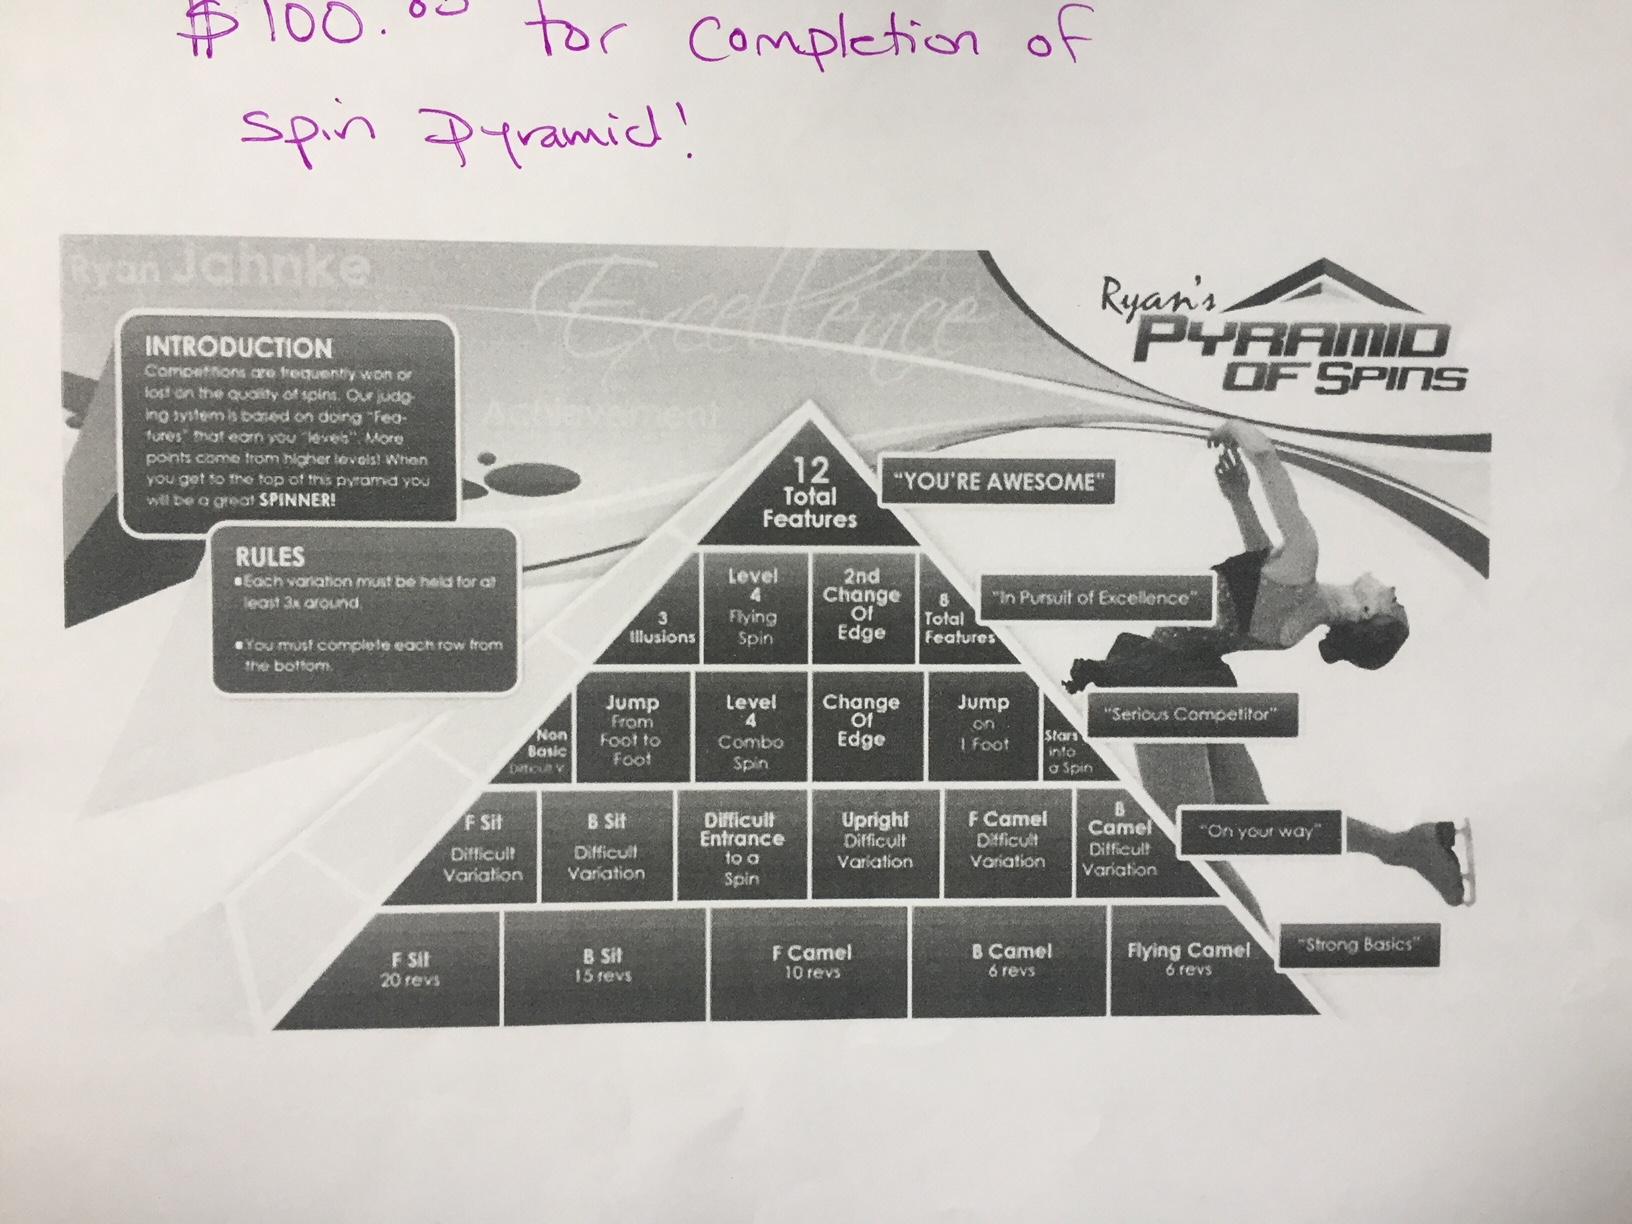 spin pyramid